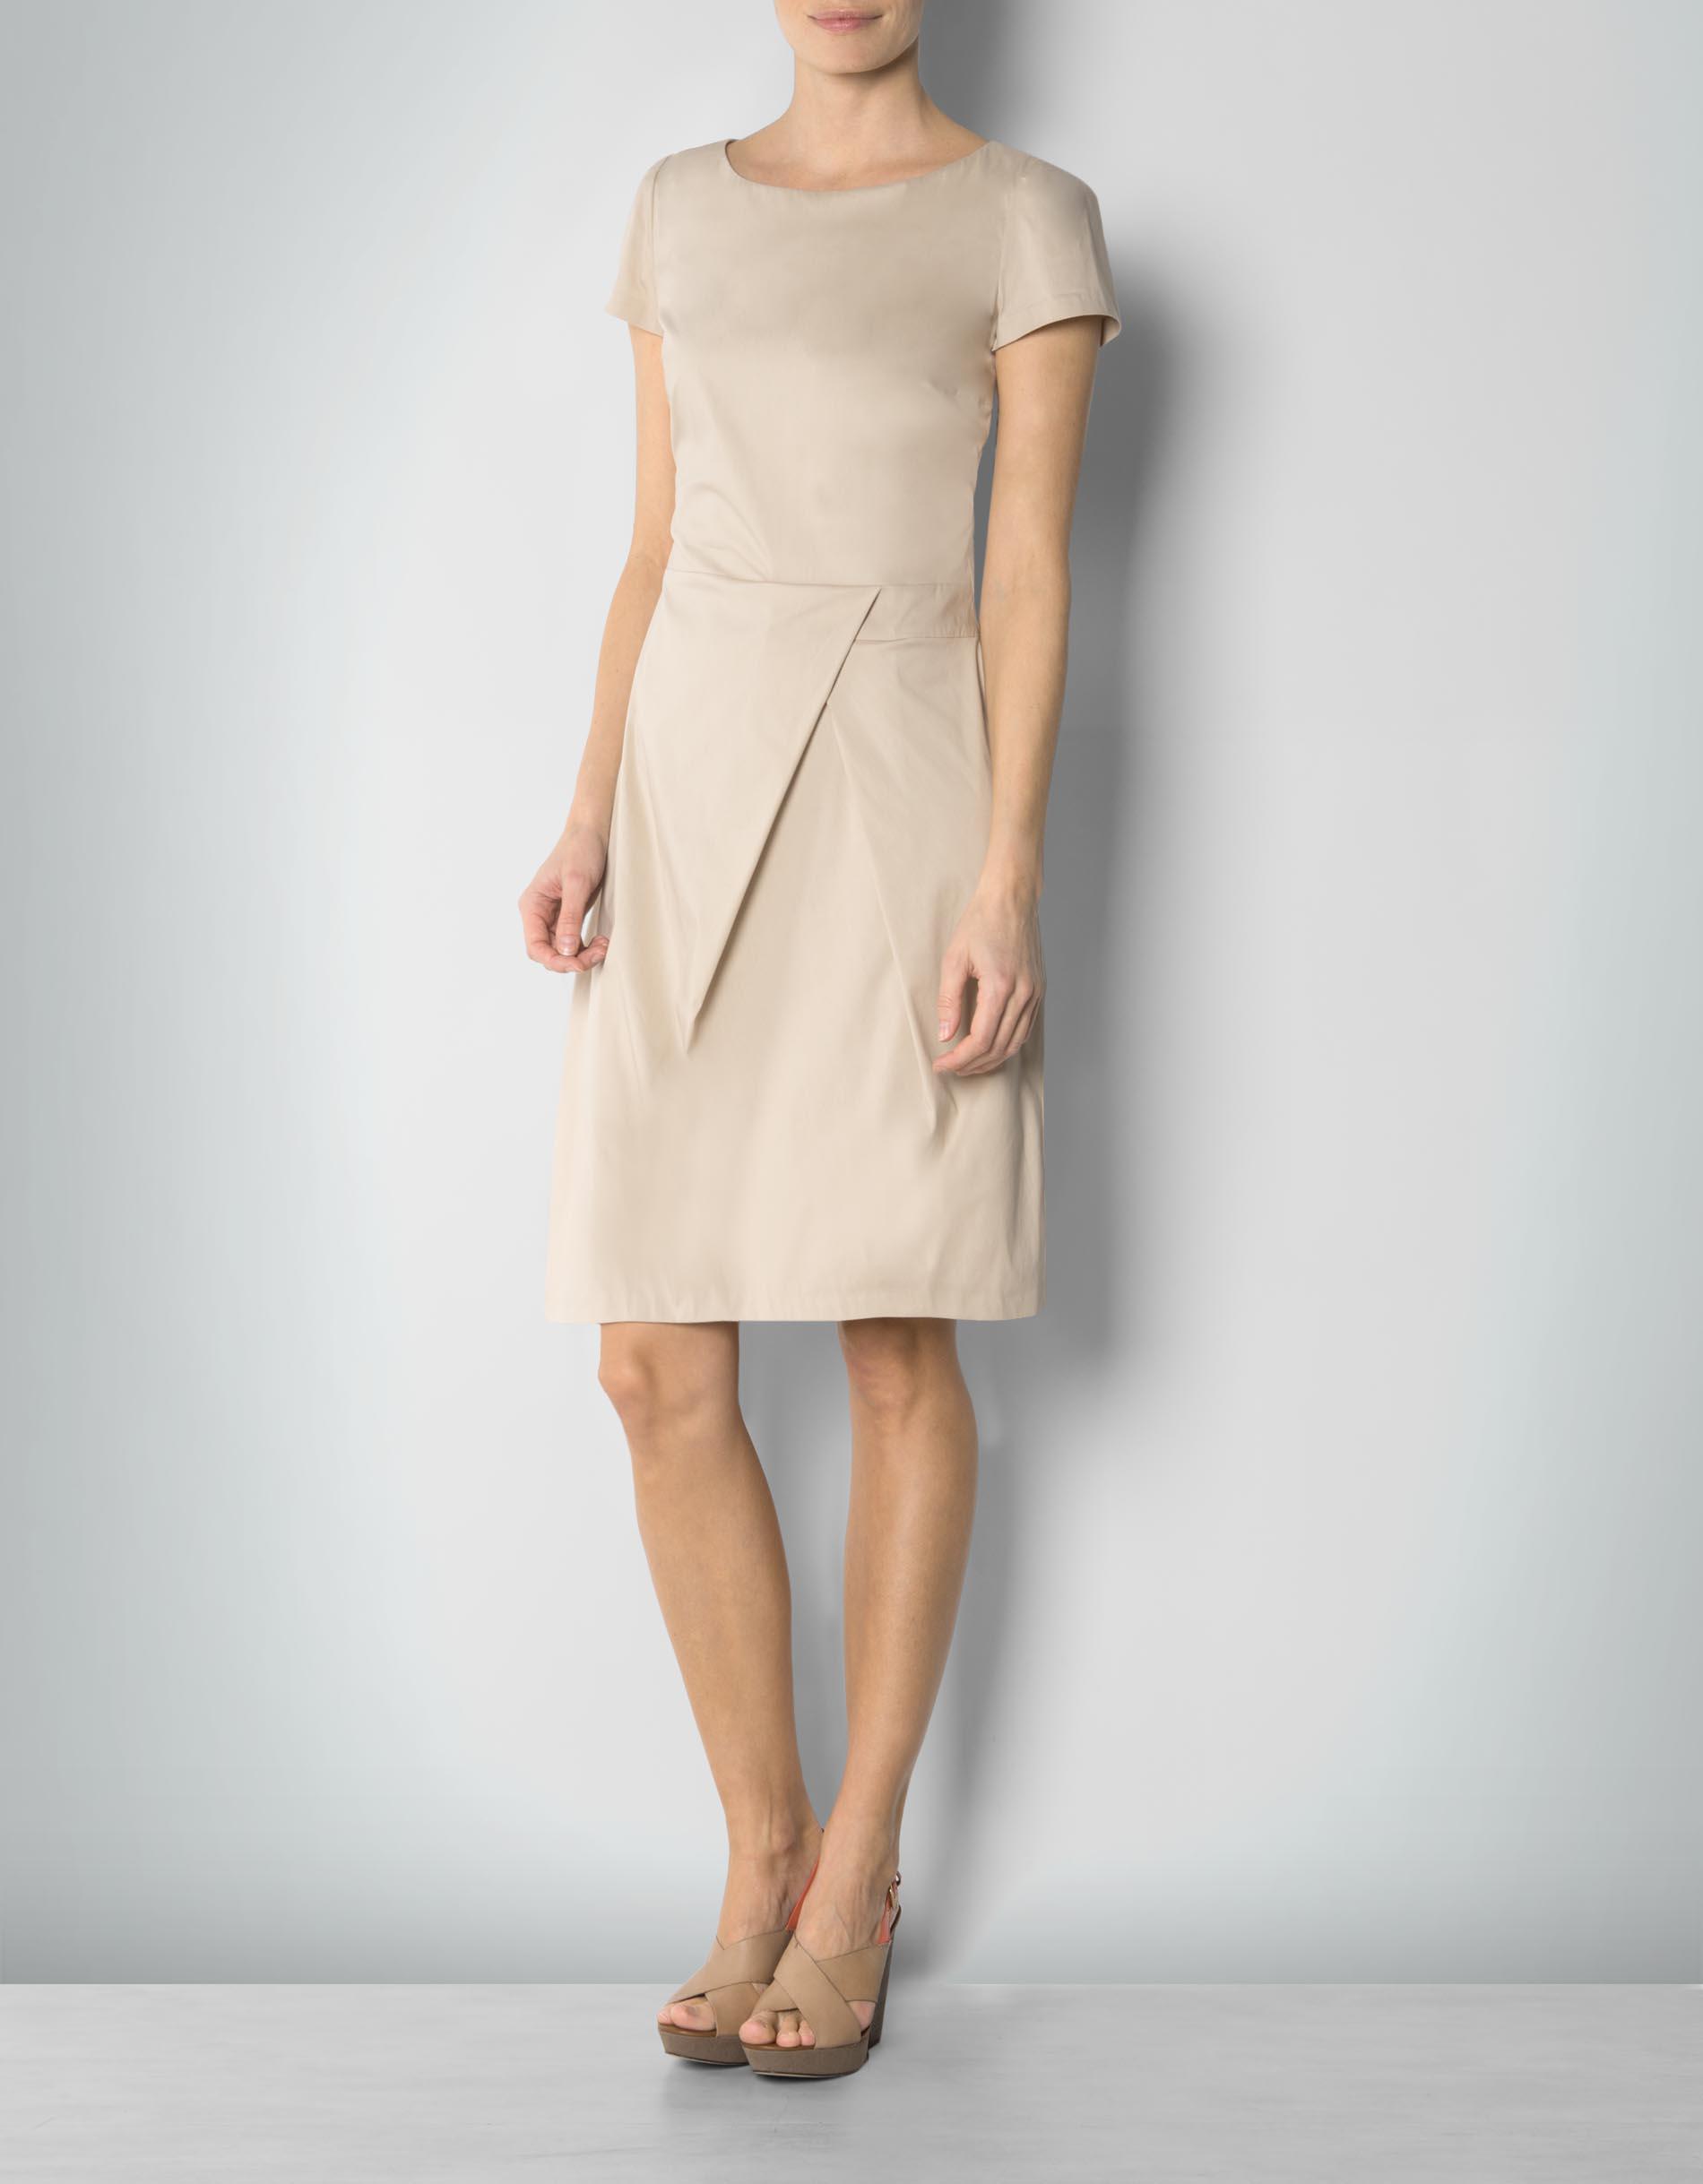 ren lezard damen kleid mit falten detail empfohlen von deinen schwestern. Black Bedroom Furniture Sets. Home Design Ideas